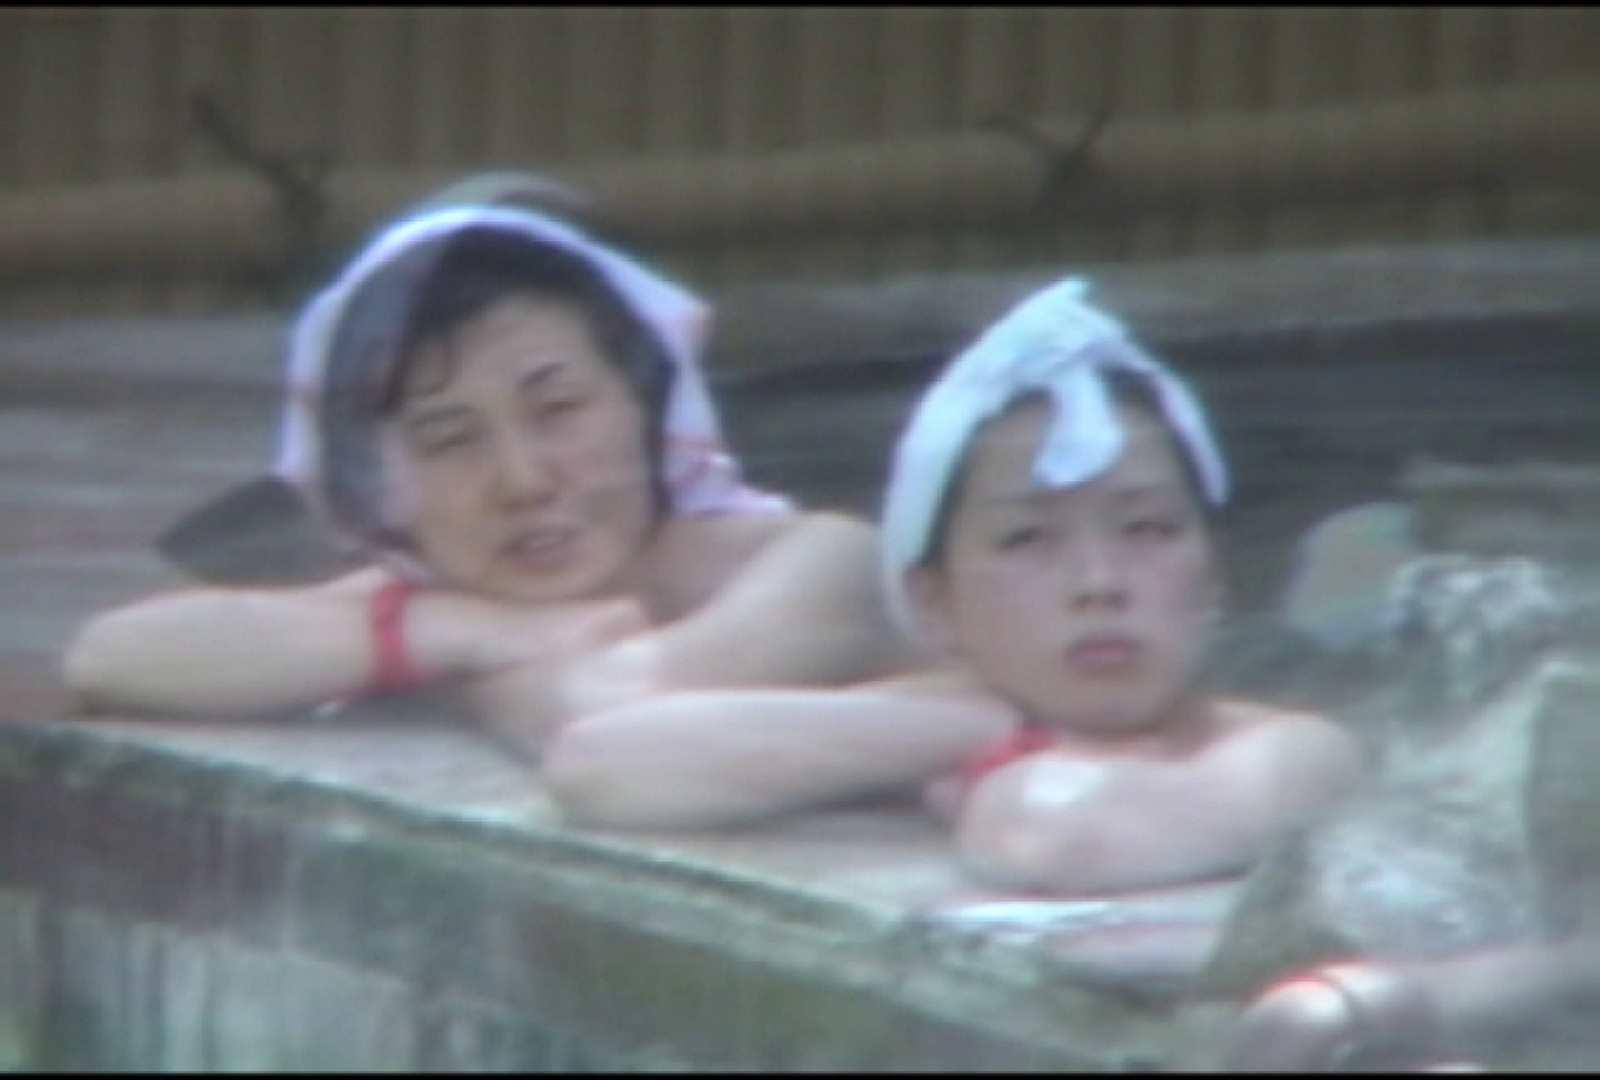 Aquaな露天風呂Vol.146 OLのエロ生活 | 盗撮  90連発 1